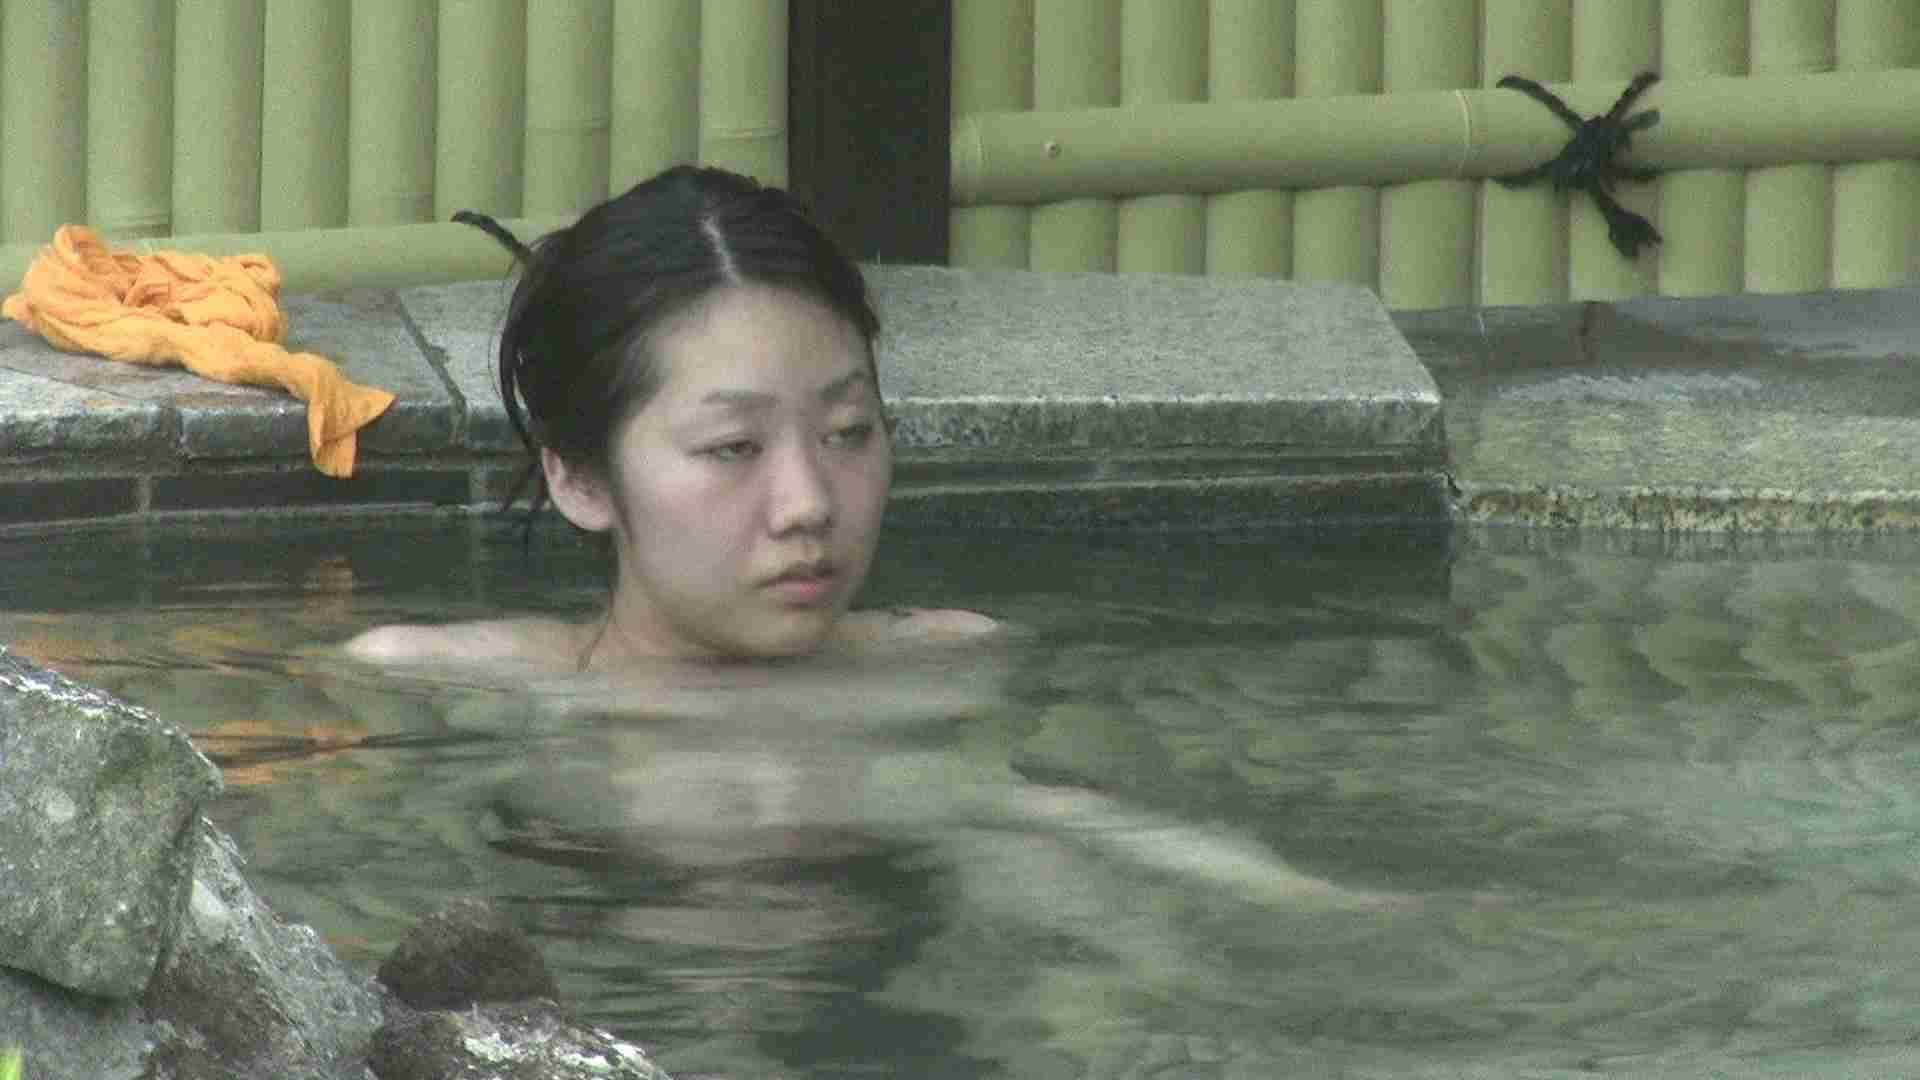 Aquaな露天風呂Vol.194 OLのエロ生活  112連発 27